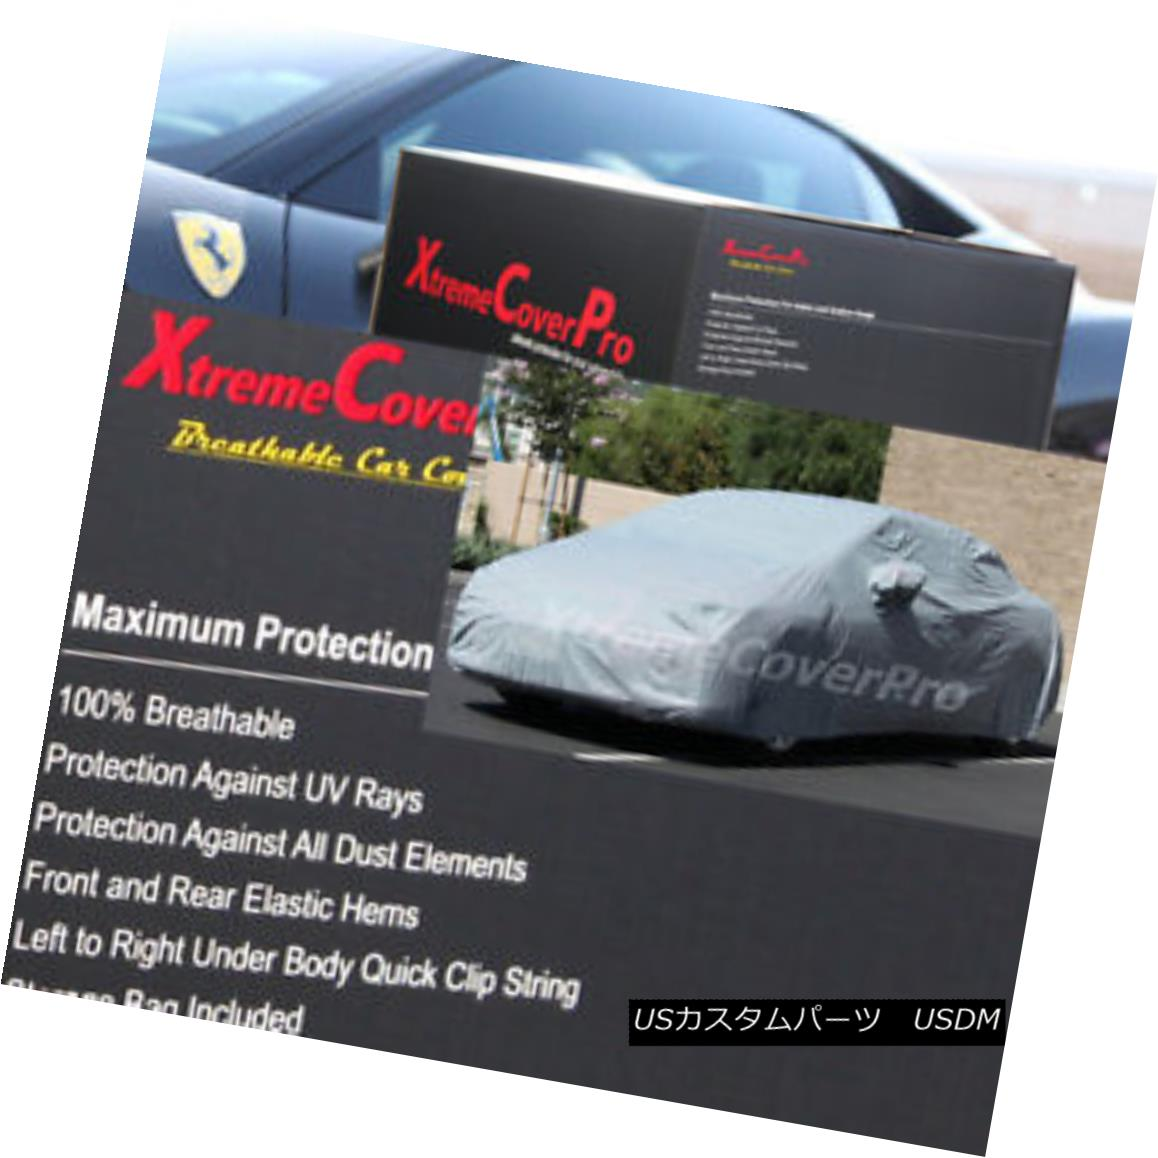 カーカバー 1993 1994 Subaru Impreza Sedan Breathable Car Cover w/MirrorPocket 1993 1994スバルインプレッサセダン通気性車カバー付き(MirrorPocket)